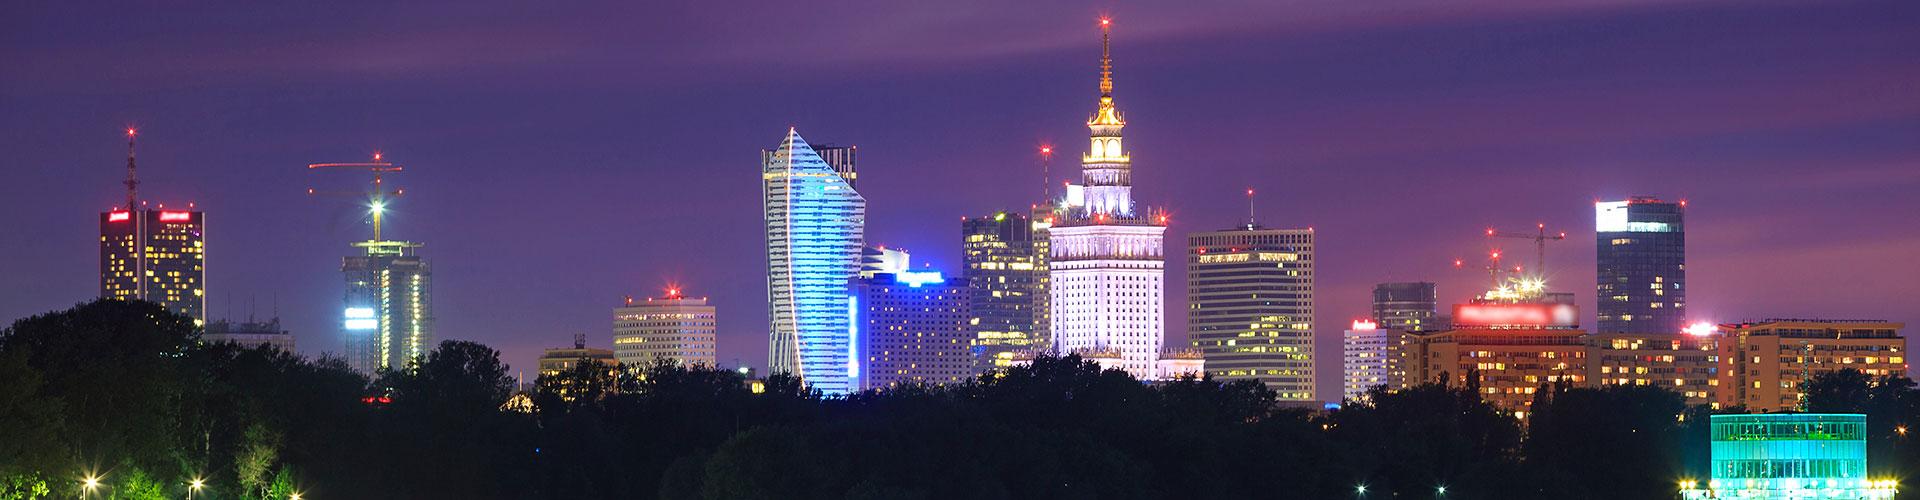 <span>Poland</span>